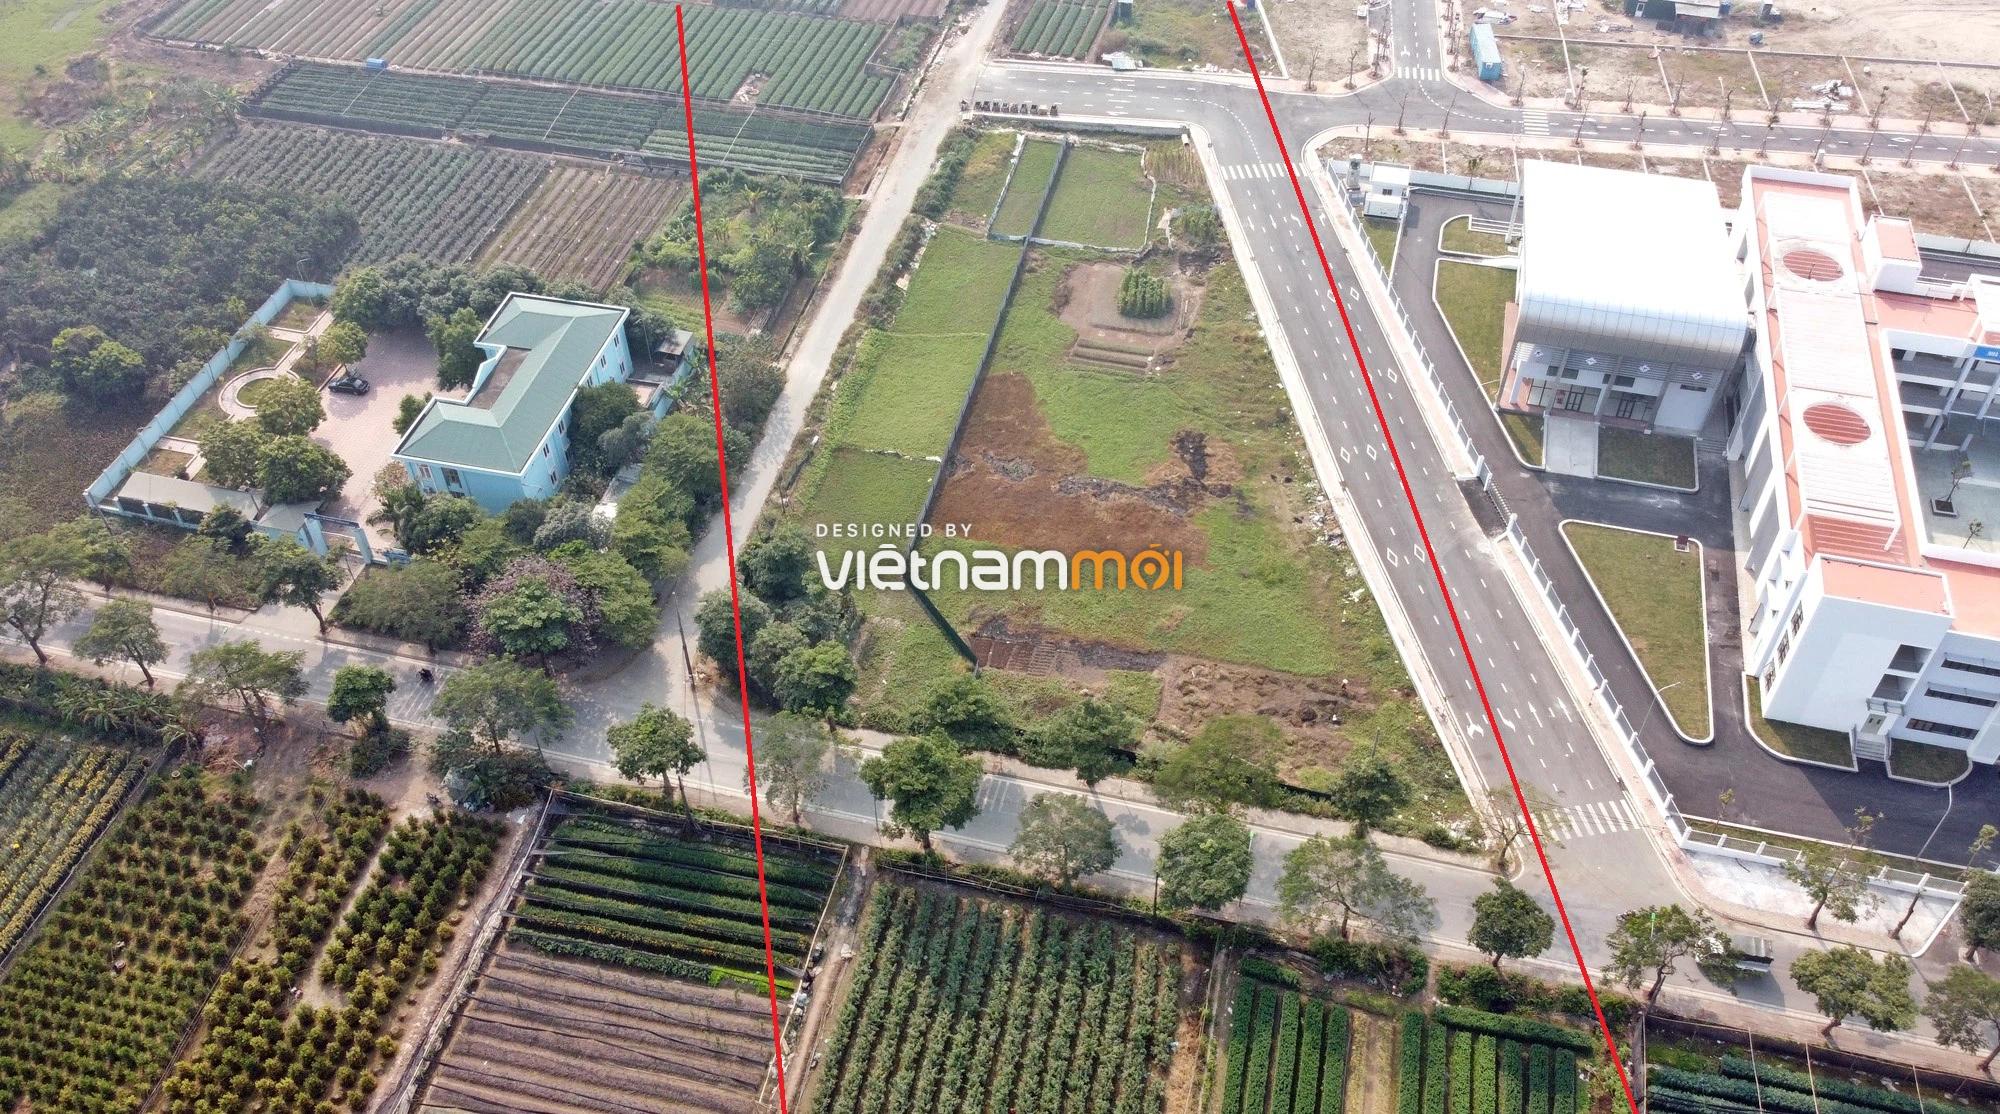 Đường Vành đai 3,5 sẽ mở theo quy hoạch qua quận Bắc Từ Liêm, Hà Nội - Ảnh 14.